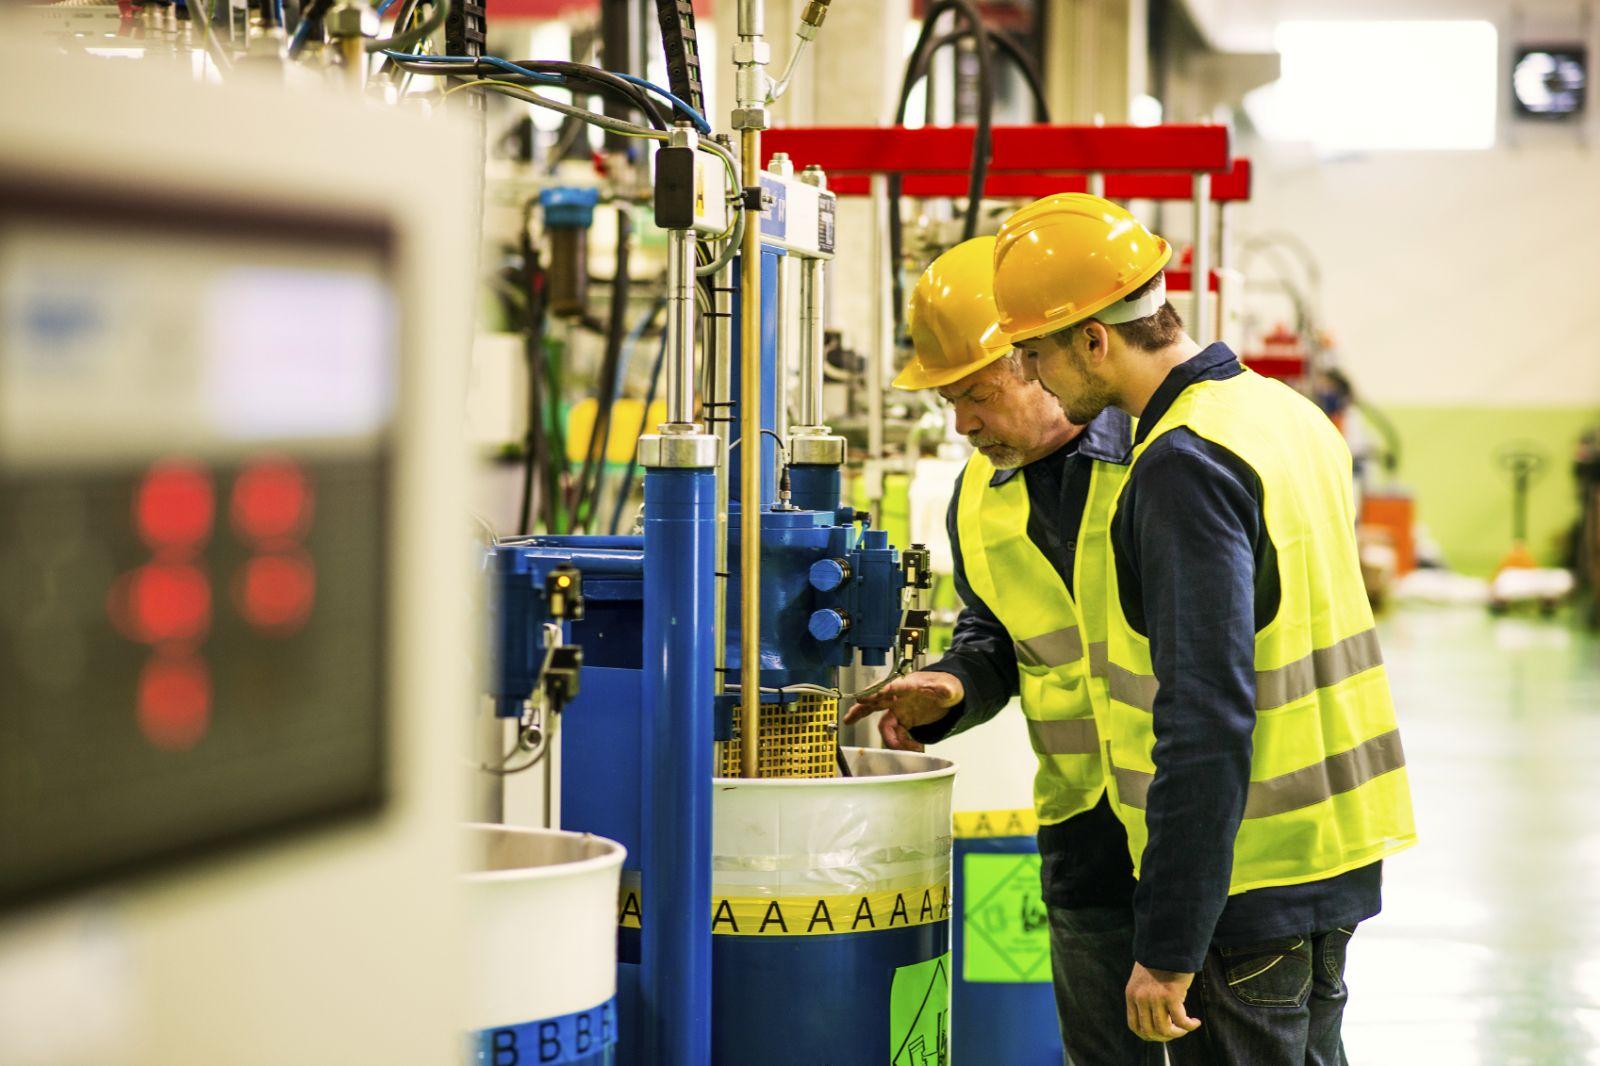 Эксперты независимой организации, проводящие спецоценку, определяют наличие на рабочем месте потенциально вредных или опасных производственных факторов:  физических (шум, электромагнитные поля, ультразвук, излучение, вибрация, температура, освещенность); биологических (бактерии, споры микроорганизмы); химических (вещества в воздухе рабочей зоны и оседающие на коже работников); сенсорная (нервная) напряженность трудового процесса; функциональная физическая нагрузка на организм и др. Если такие факторы выявлены, то измеряются их фактические значения, по результатам чего устанавливаются классы условий труда (оптимальный, допустимый, вредный и опасный) и их подклассы. Размер дополнительных страховых взносов в ПФР составит от 0% для оптимального класса и до 8% - для опасного.  По результатам проведенной спецоценки эксперты готовят отчет, который должна утвердить комиссия работодателя. С отчетом нужно в 30-дневный срок ознакомить под роспись работников, а если у работодателя есть официальный сайт, то нужно еще и опубликовать его на сайте для свободного ознакомления. Экспертная организация передает отчет в инспекцию труда. Если по результатам спецоценки не было выявлено вредных или опасных производственных факторов, то такие рабочие места признаются безопасными, и по ним работодатель тоже в 30-дневный срок подает декларацию соответствия условий труда нормативным требованиям (независимо от того отчета, который сдают эксперты).  Декларация сдается по форме и в порядке, утвержденном приказом Минтруда от 7 февраля 2014 года № 80н. Действительна она пять лет, но если в течение этого срока на рабочем месте, признанном безопасным, произошел несчастный случай или у работника было выявлено профзаболевание, то надо будет провести внеплановую спецоценку.